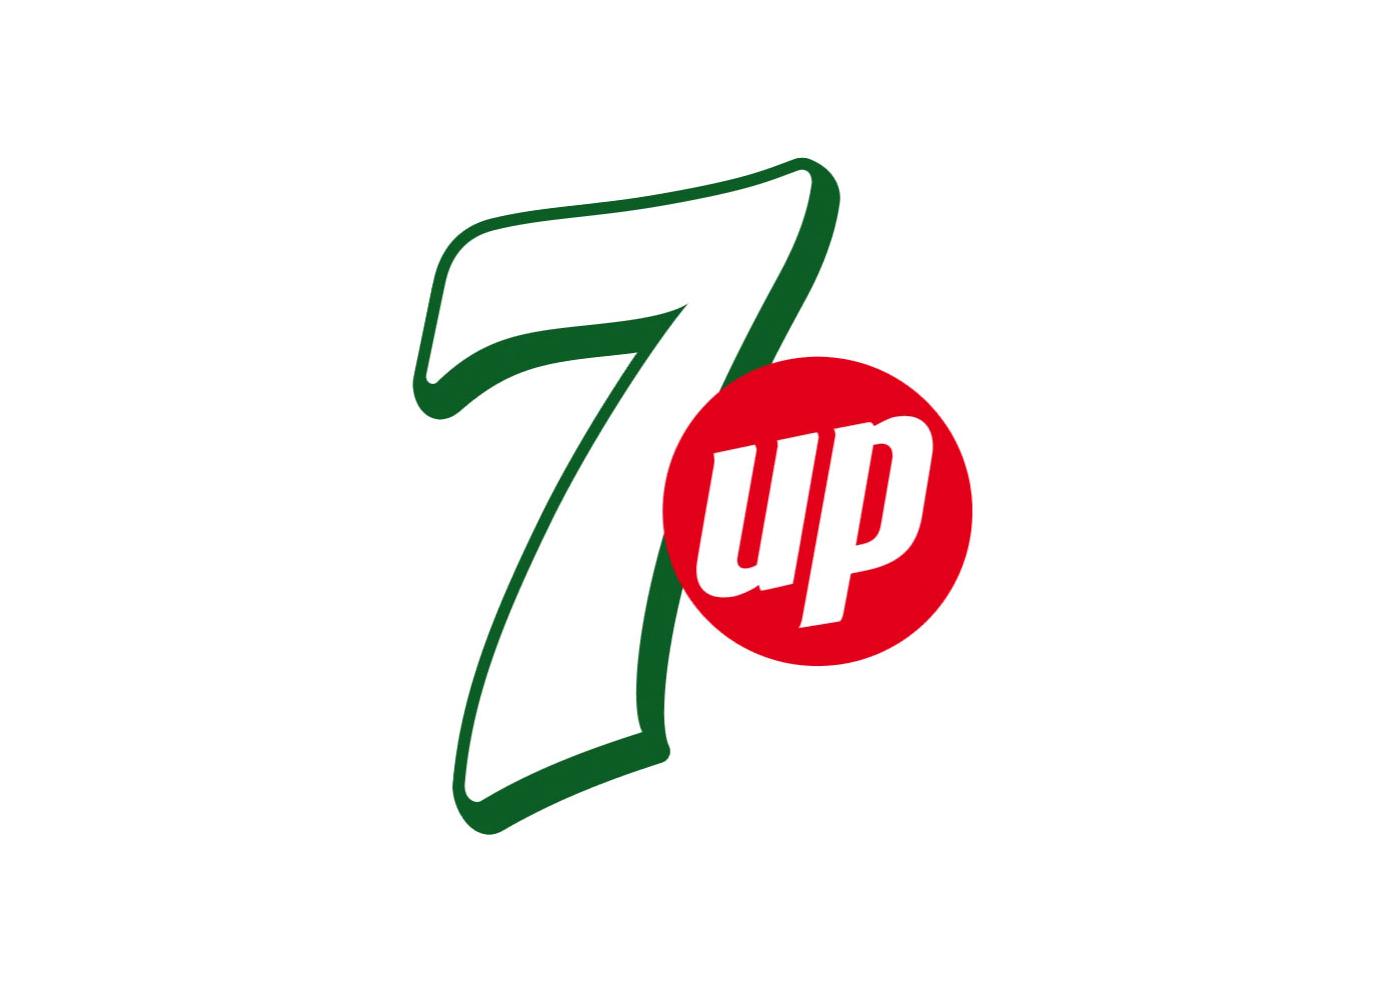 7up Tiene Nuevo Logo